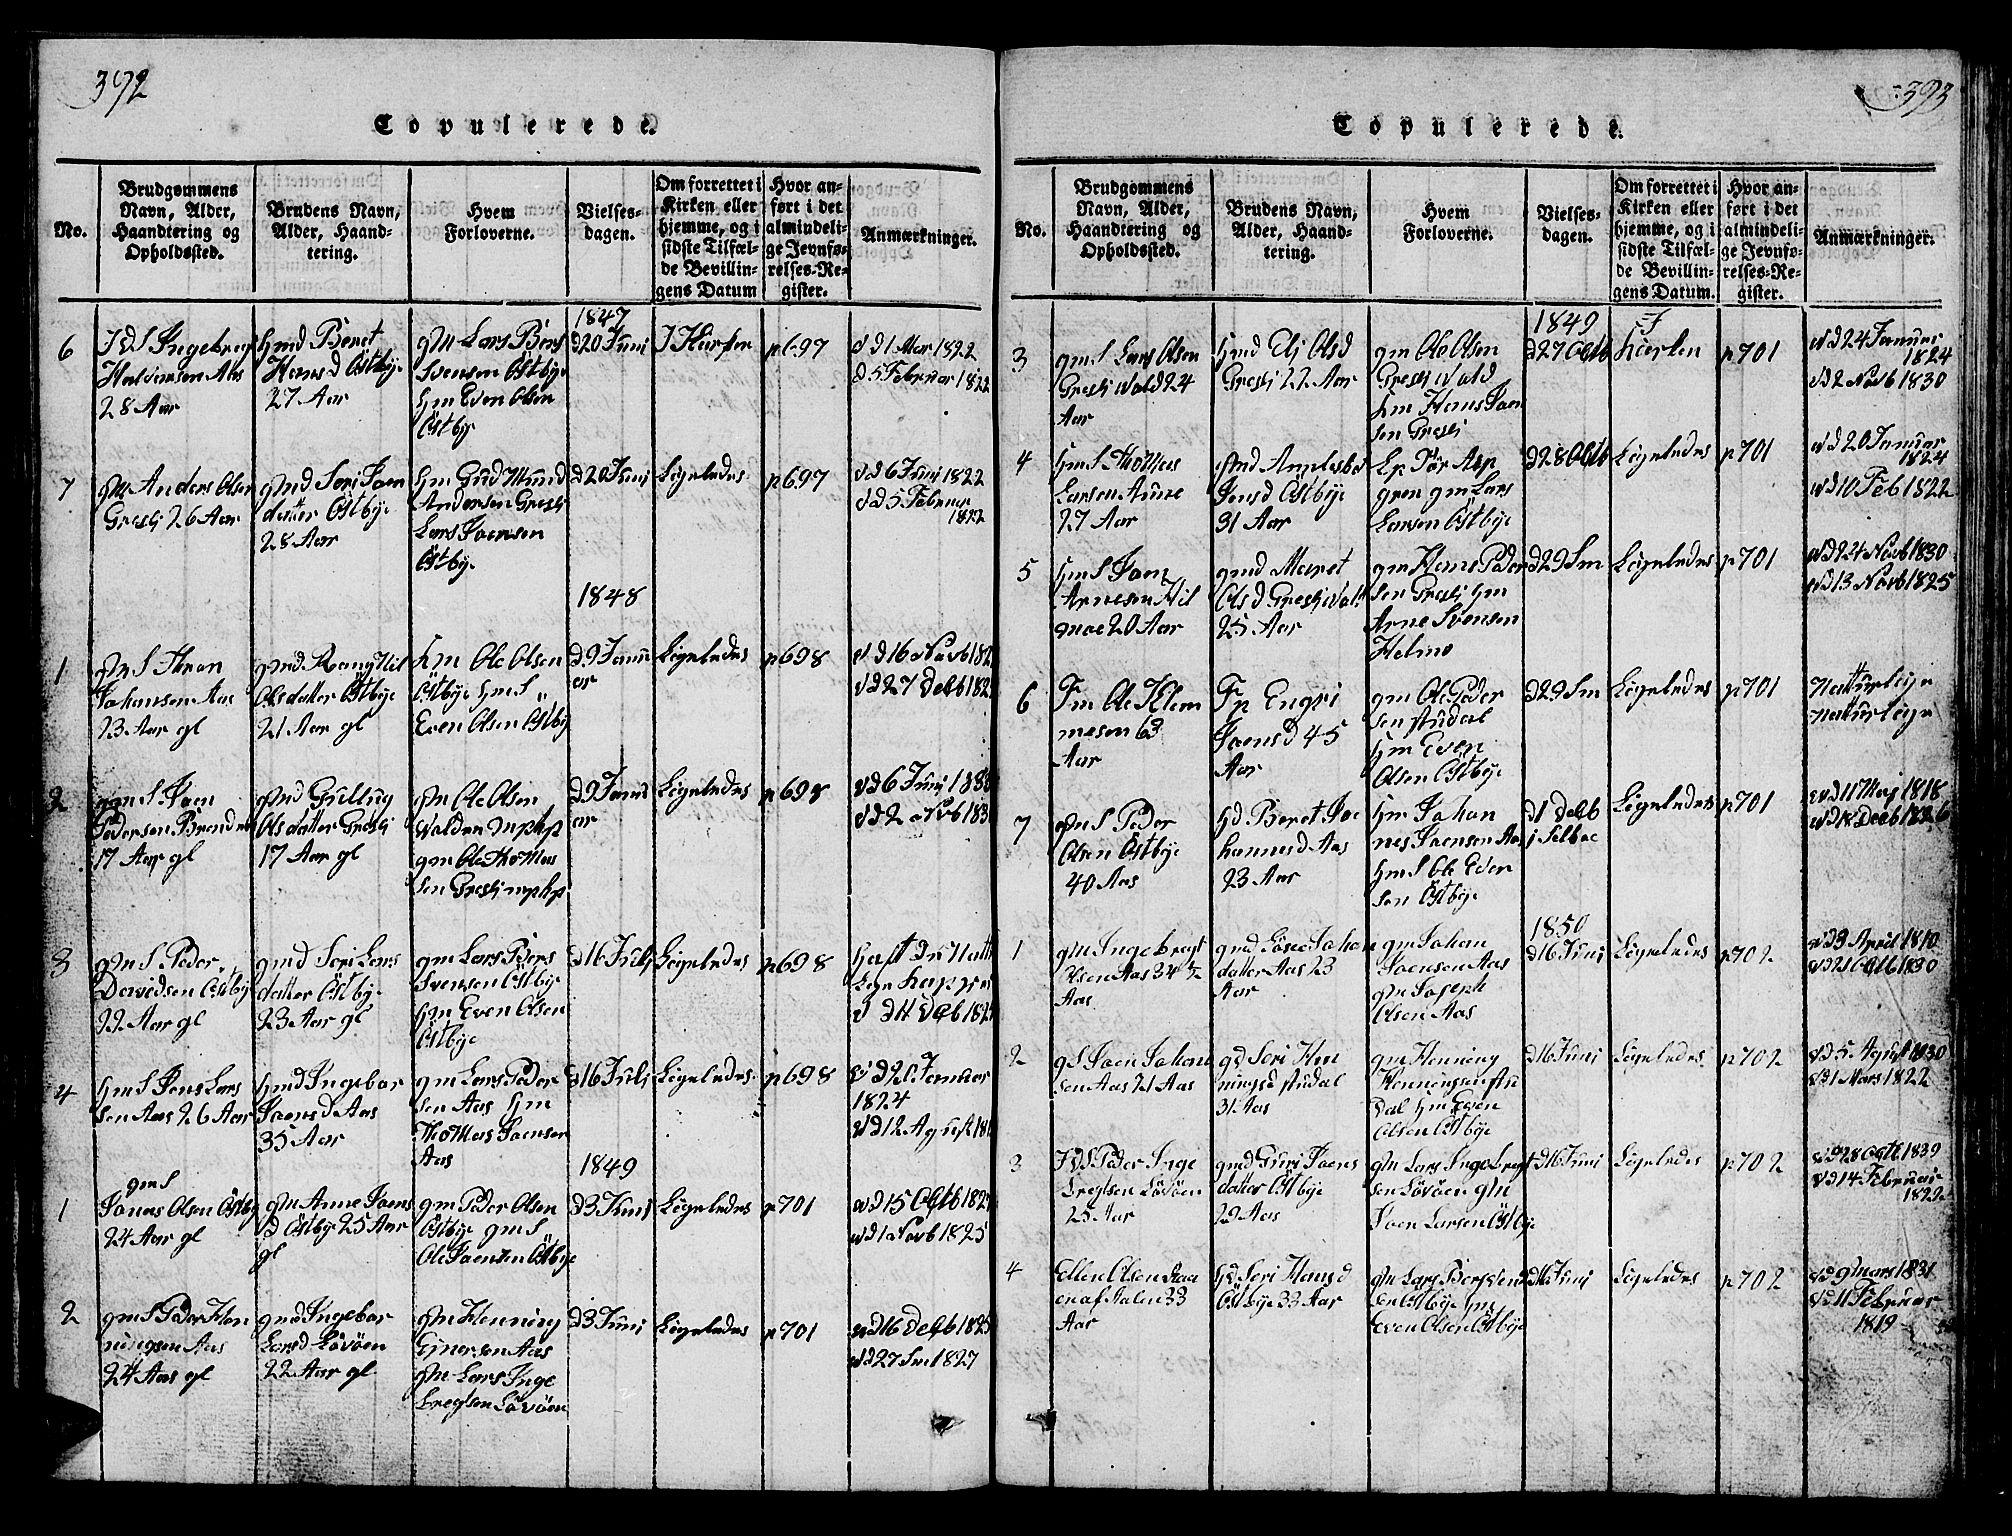 SAT, Ministerialprotokoller, klokkerbøker og fødselsregistre - Sør-Trøndelag, 698/L1164: Klokkerbok nr. 698C01, 1816-1861, s. 392-393